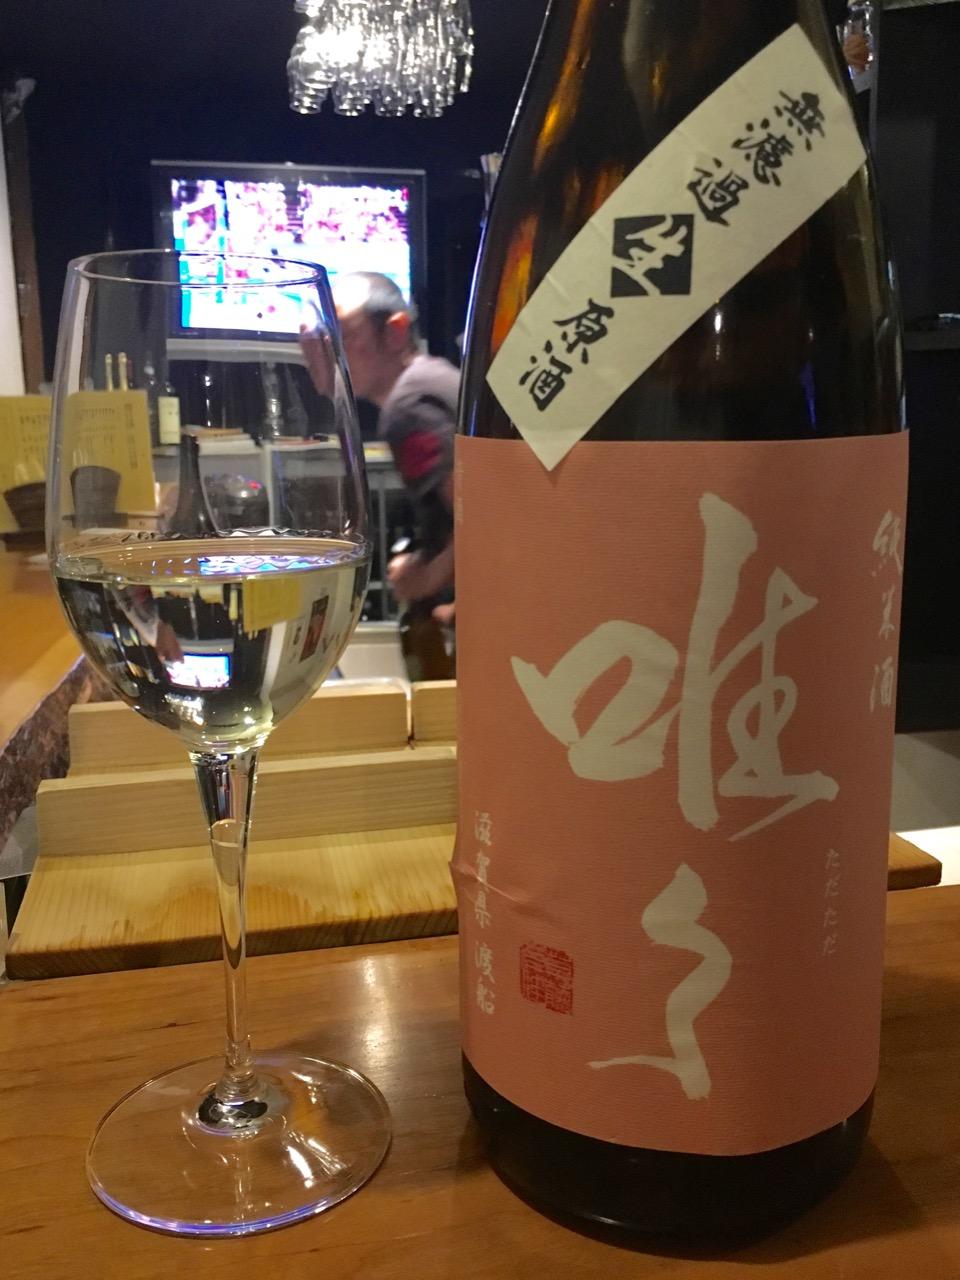 唯々 渡船 純米 無濾過生原酒|日本酒テイスティングノート